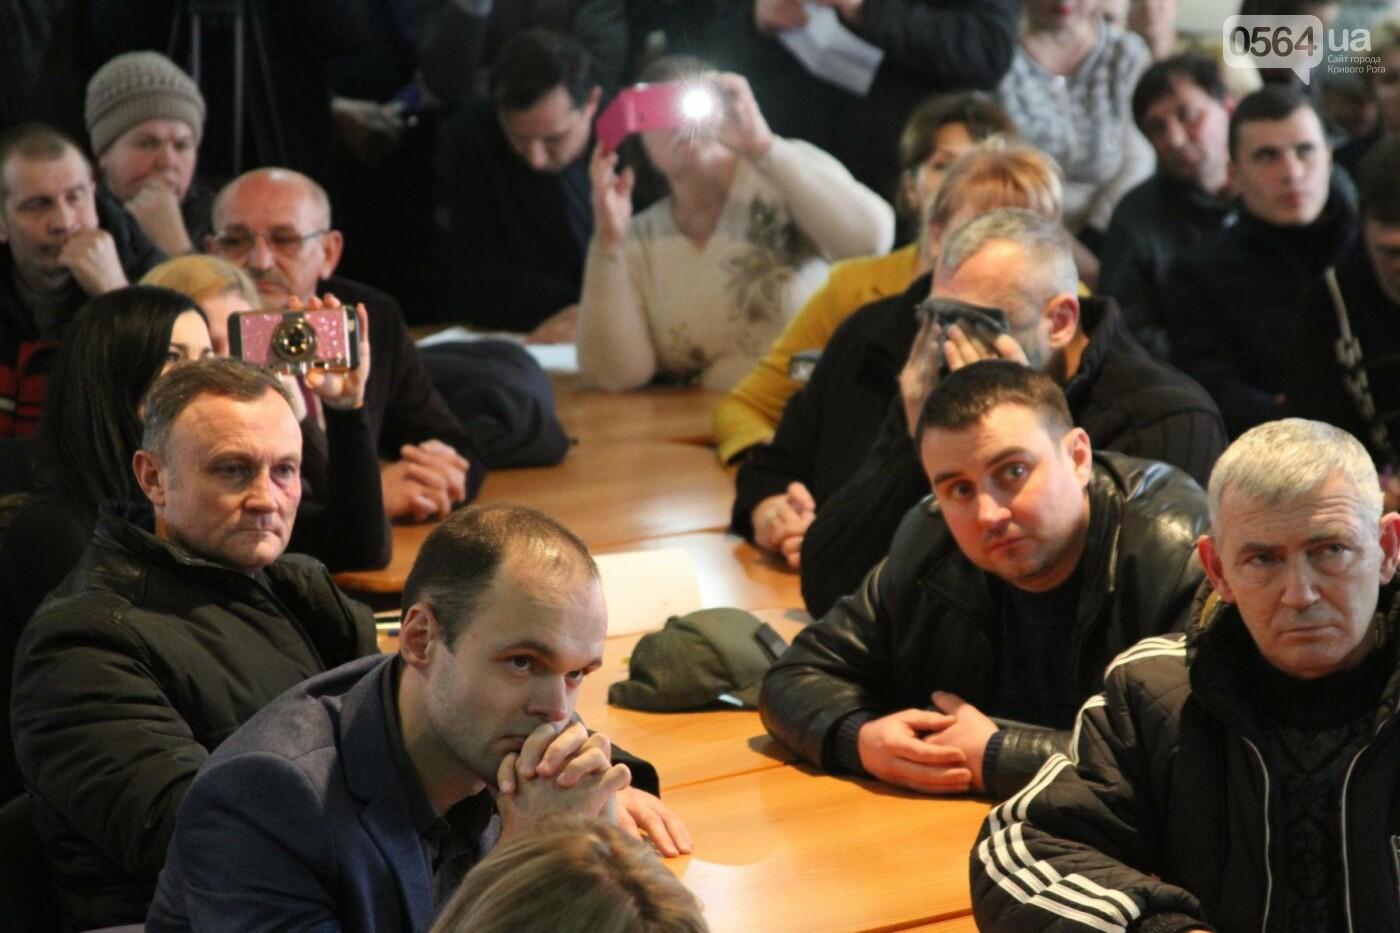 """Работники """"КривбассПВС"""" готовы бороться против рейдерского захвата стратегического госпредприятия (ФОТО, ВИДЕО), фото-47"""